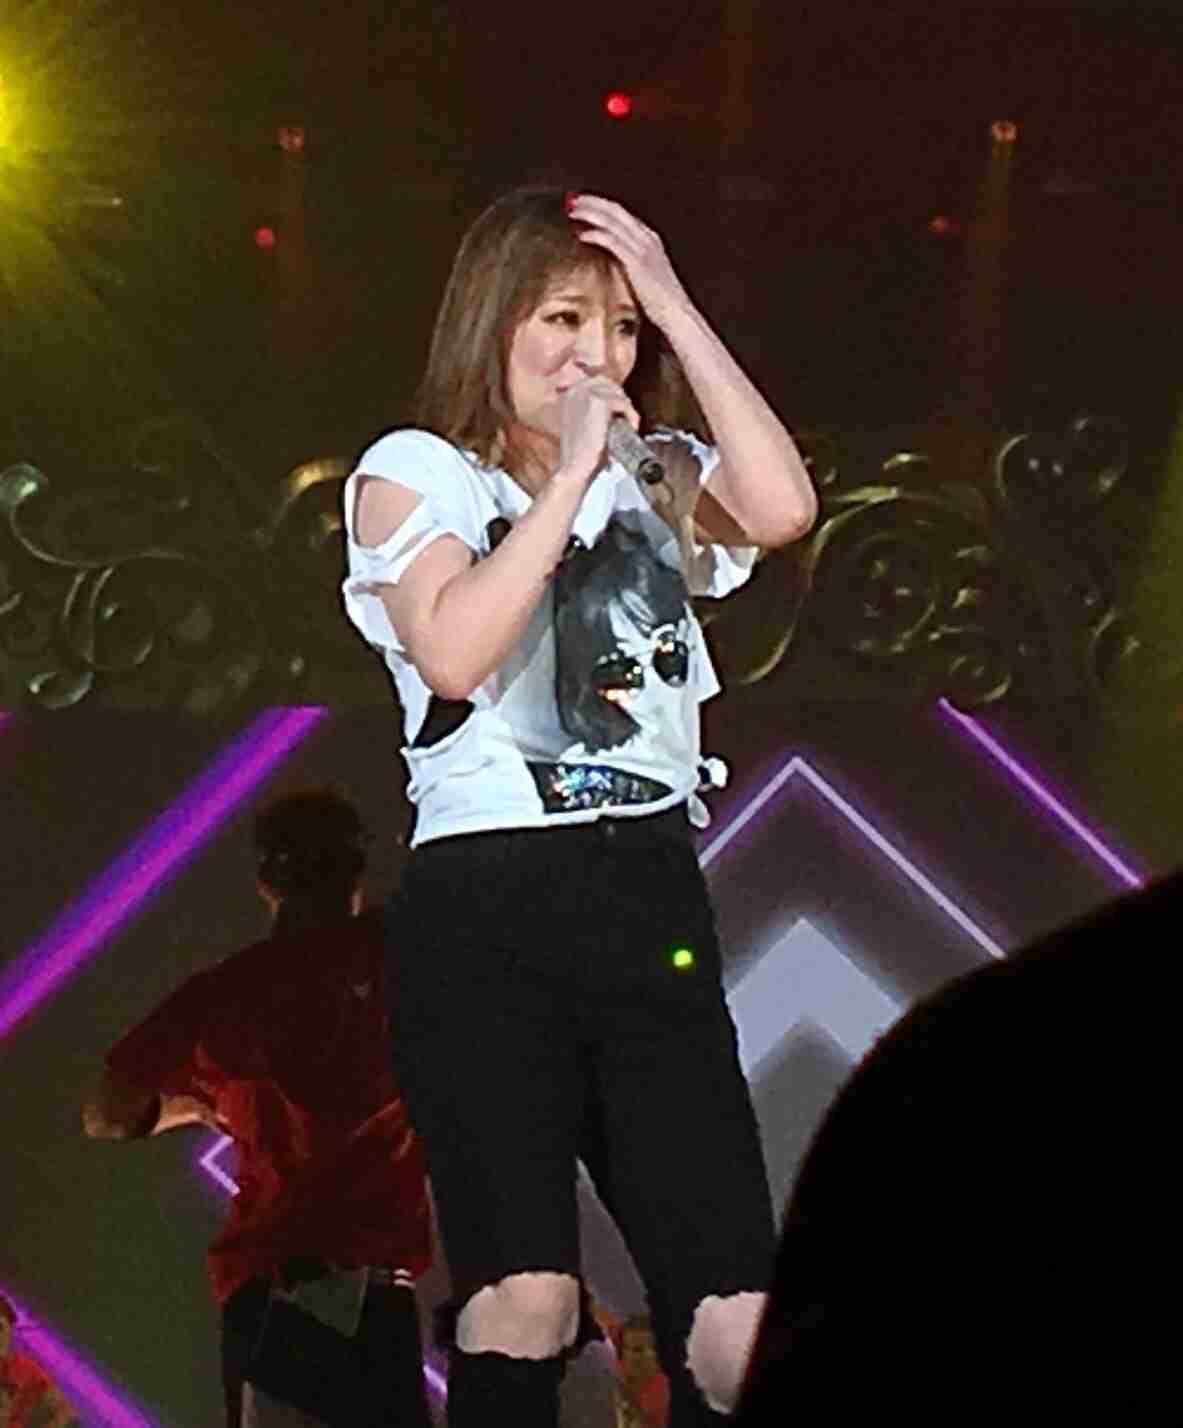 藤井フミヤ、浜崎あゆみ、セカオワ…「撮影OK」ライブが増えている理由